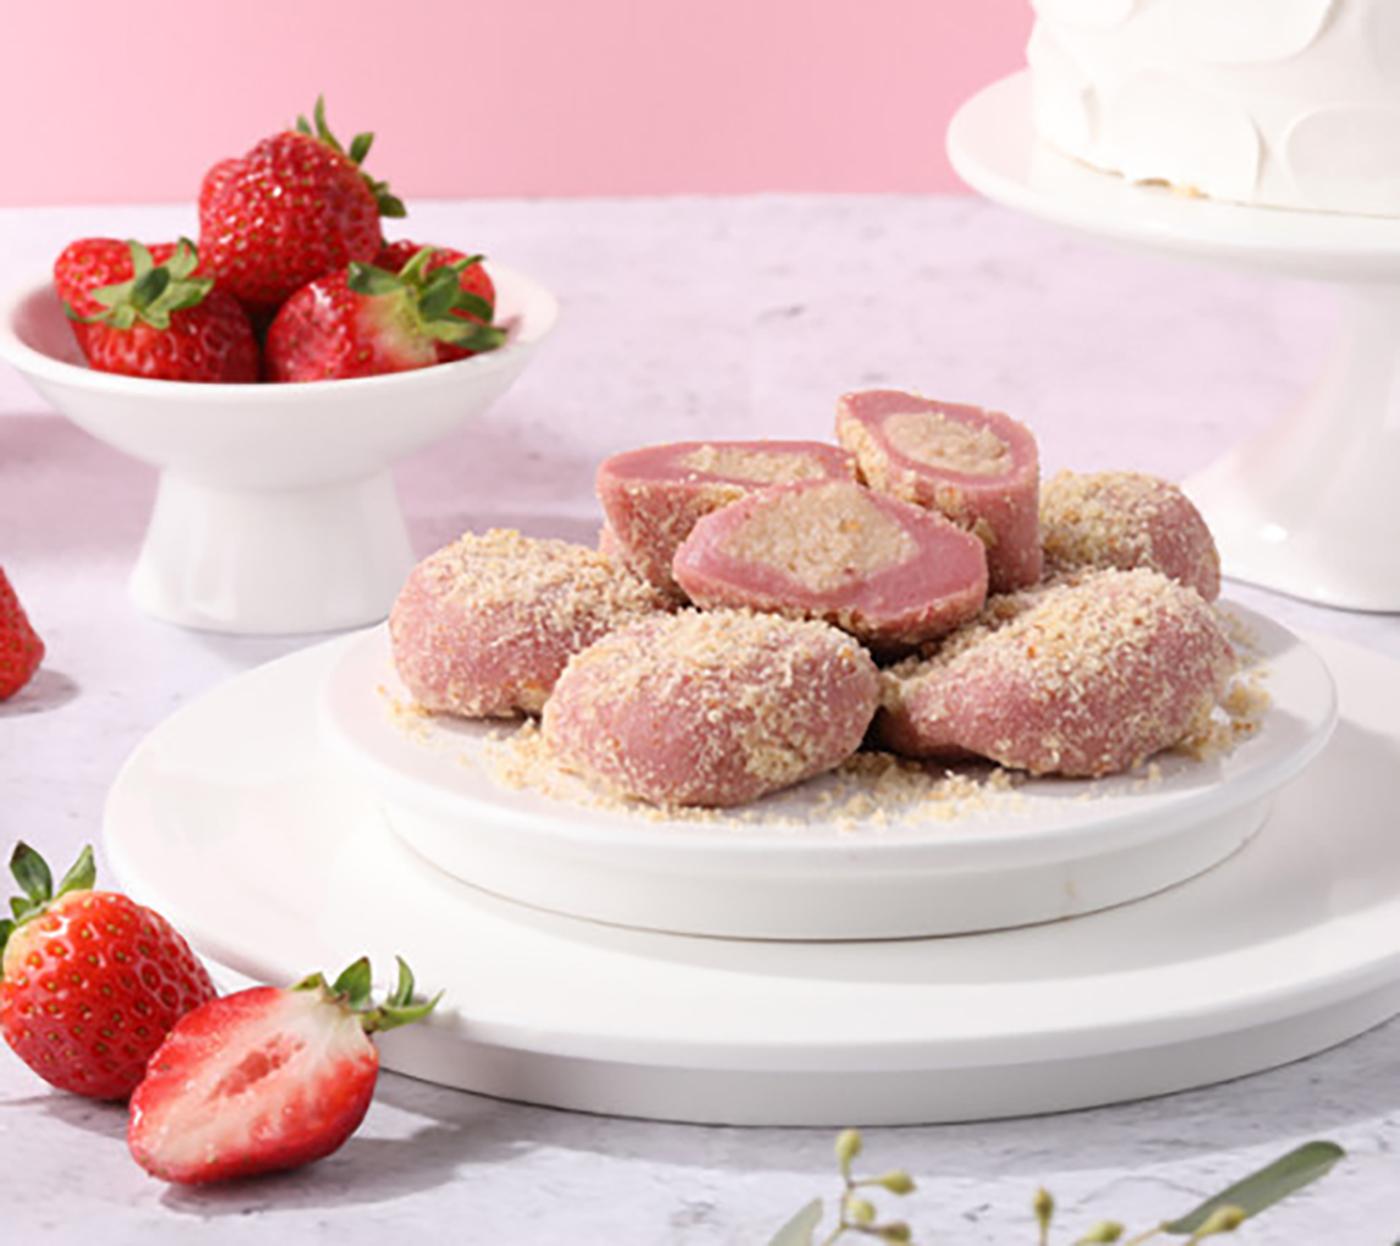 굳지 않는 딸기 생크림 케익 모찌 찹쌀떡 (15입) 상세이미지6